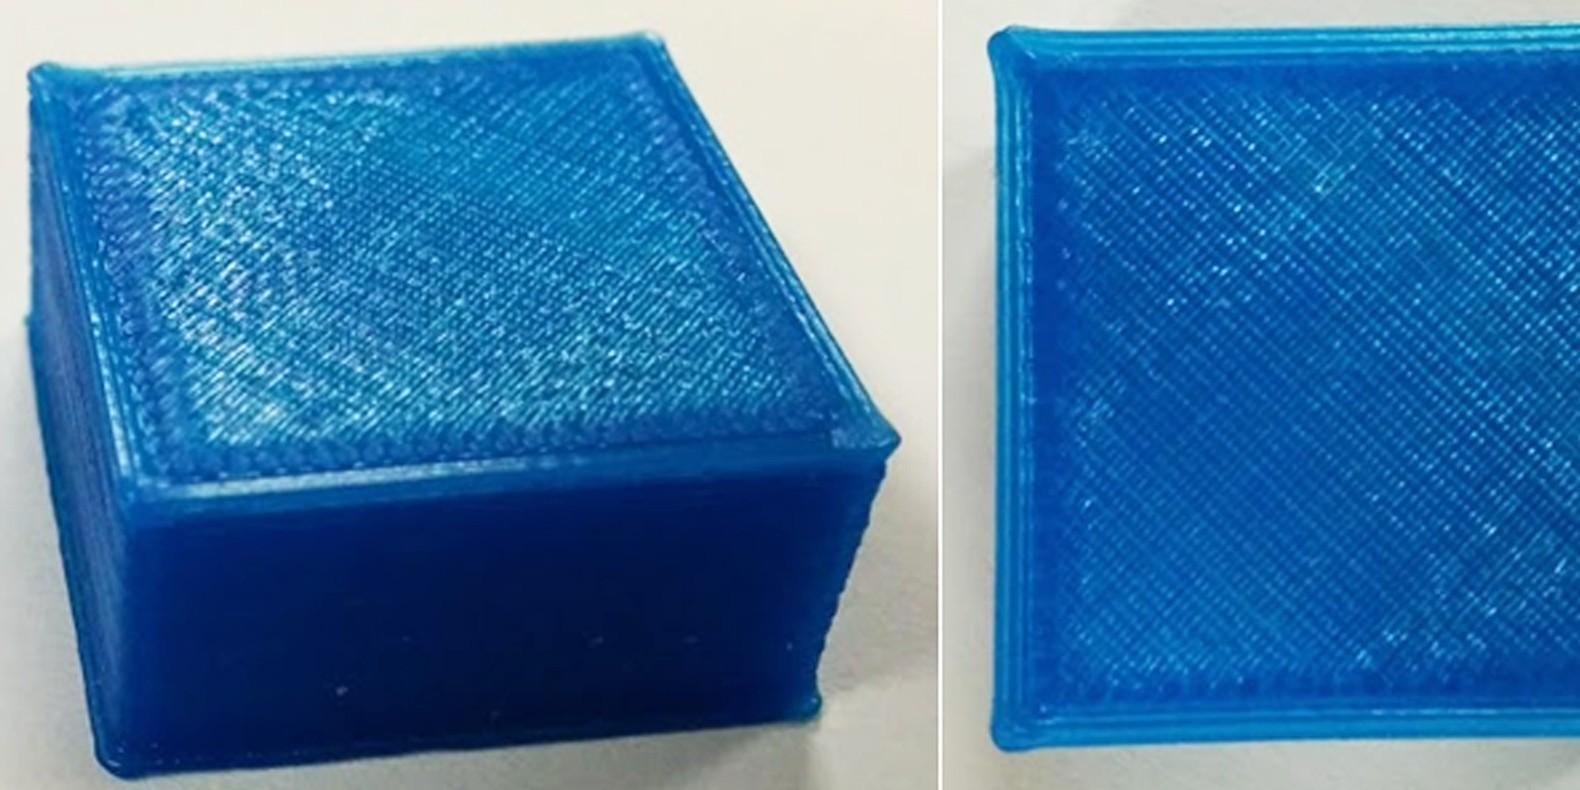 angles arrondis 3D printing